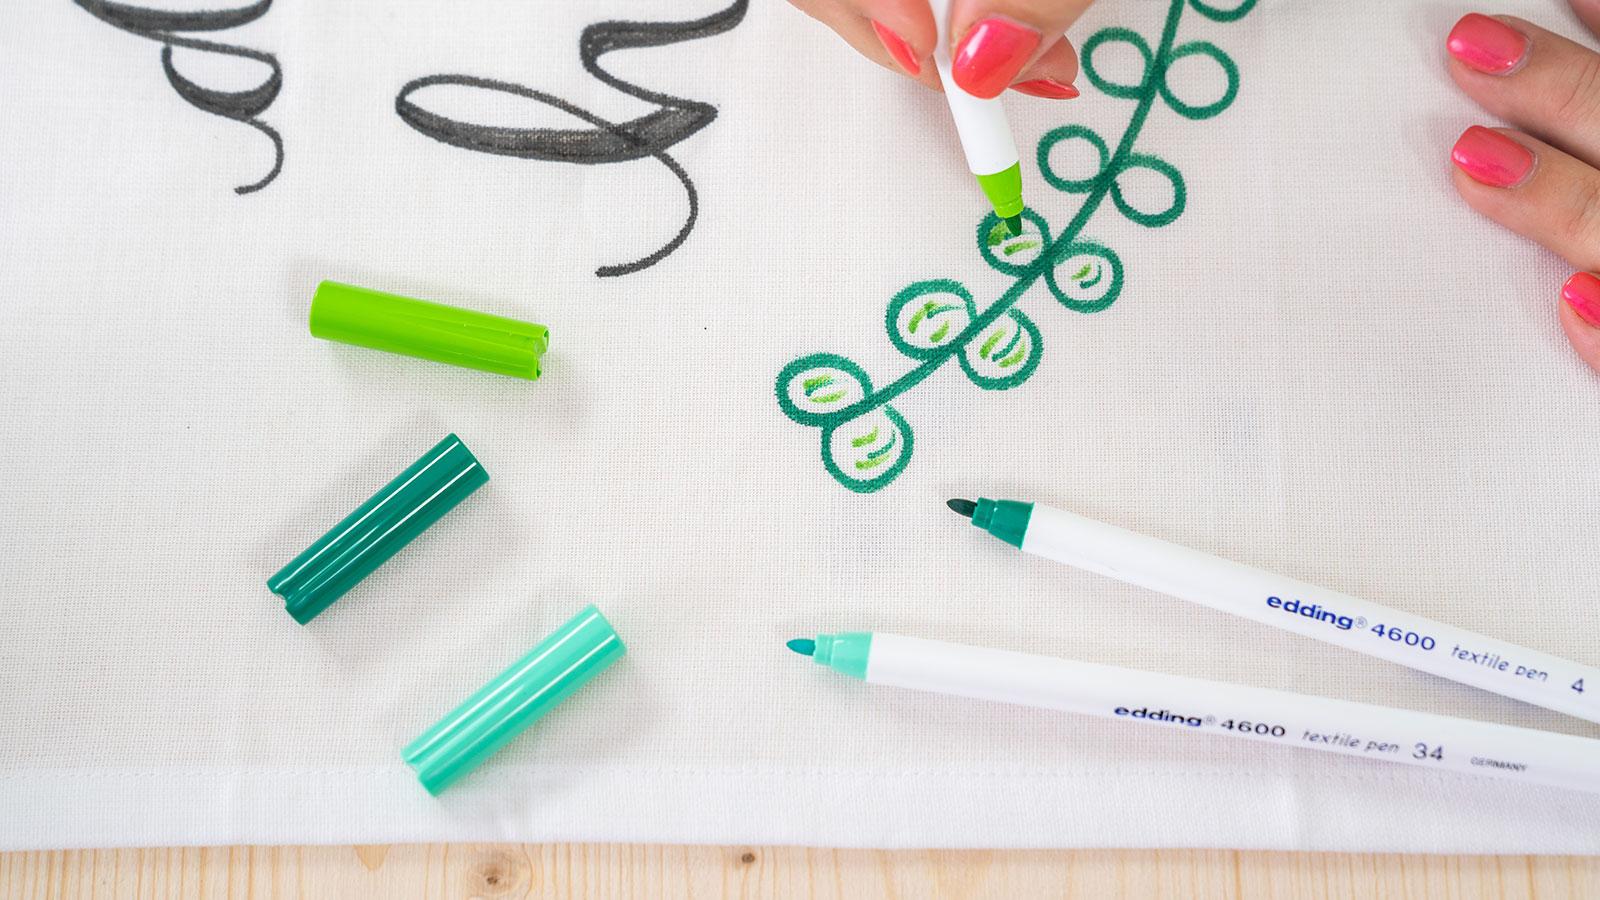 Textiles gestalten - Blendingeffekte mit edding Textilstift